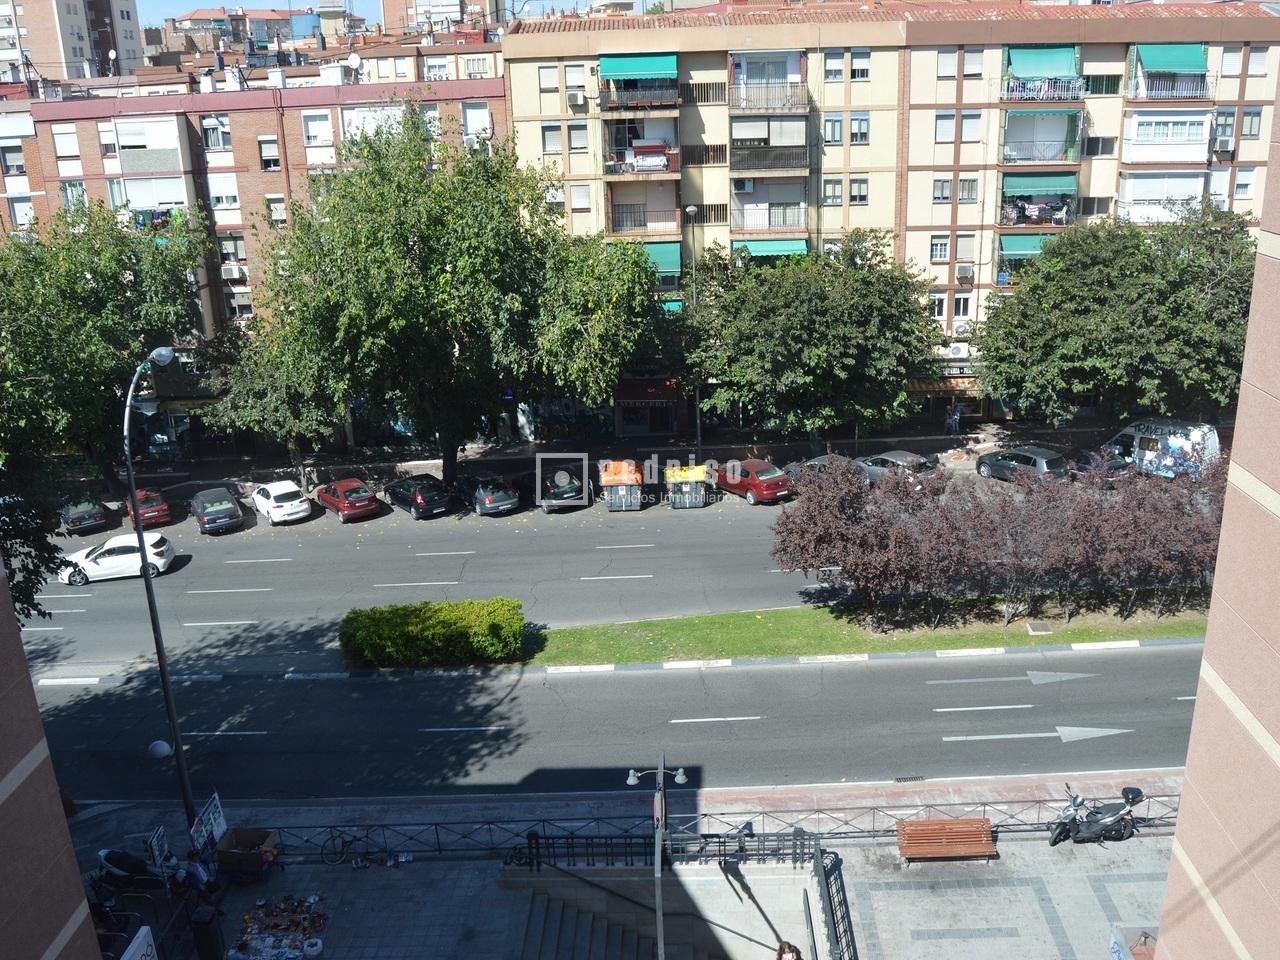 Piso en venta en calle maria teresa saenz de heredia ventas ciudad lineal madrid madrid - Pisos en venta en ciudad lineal ...